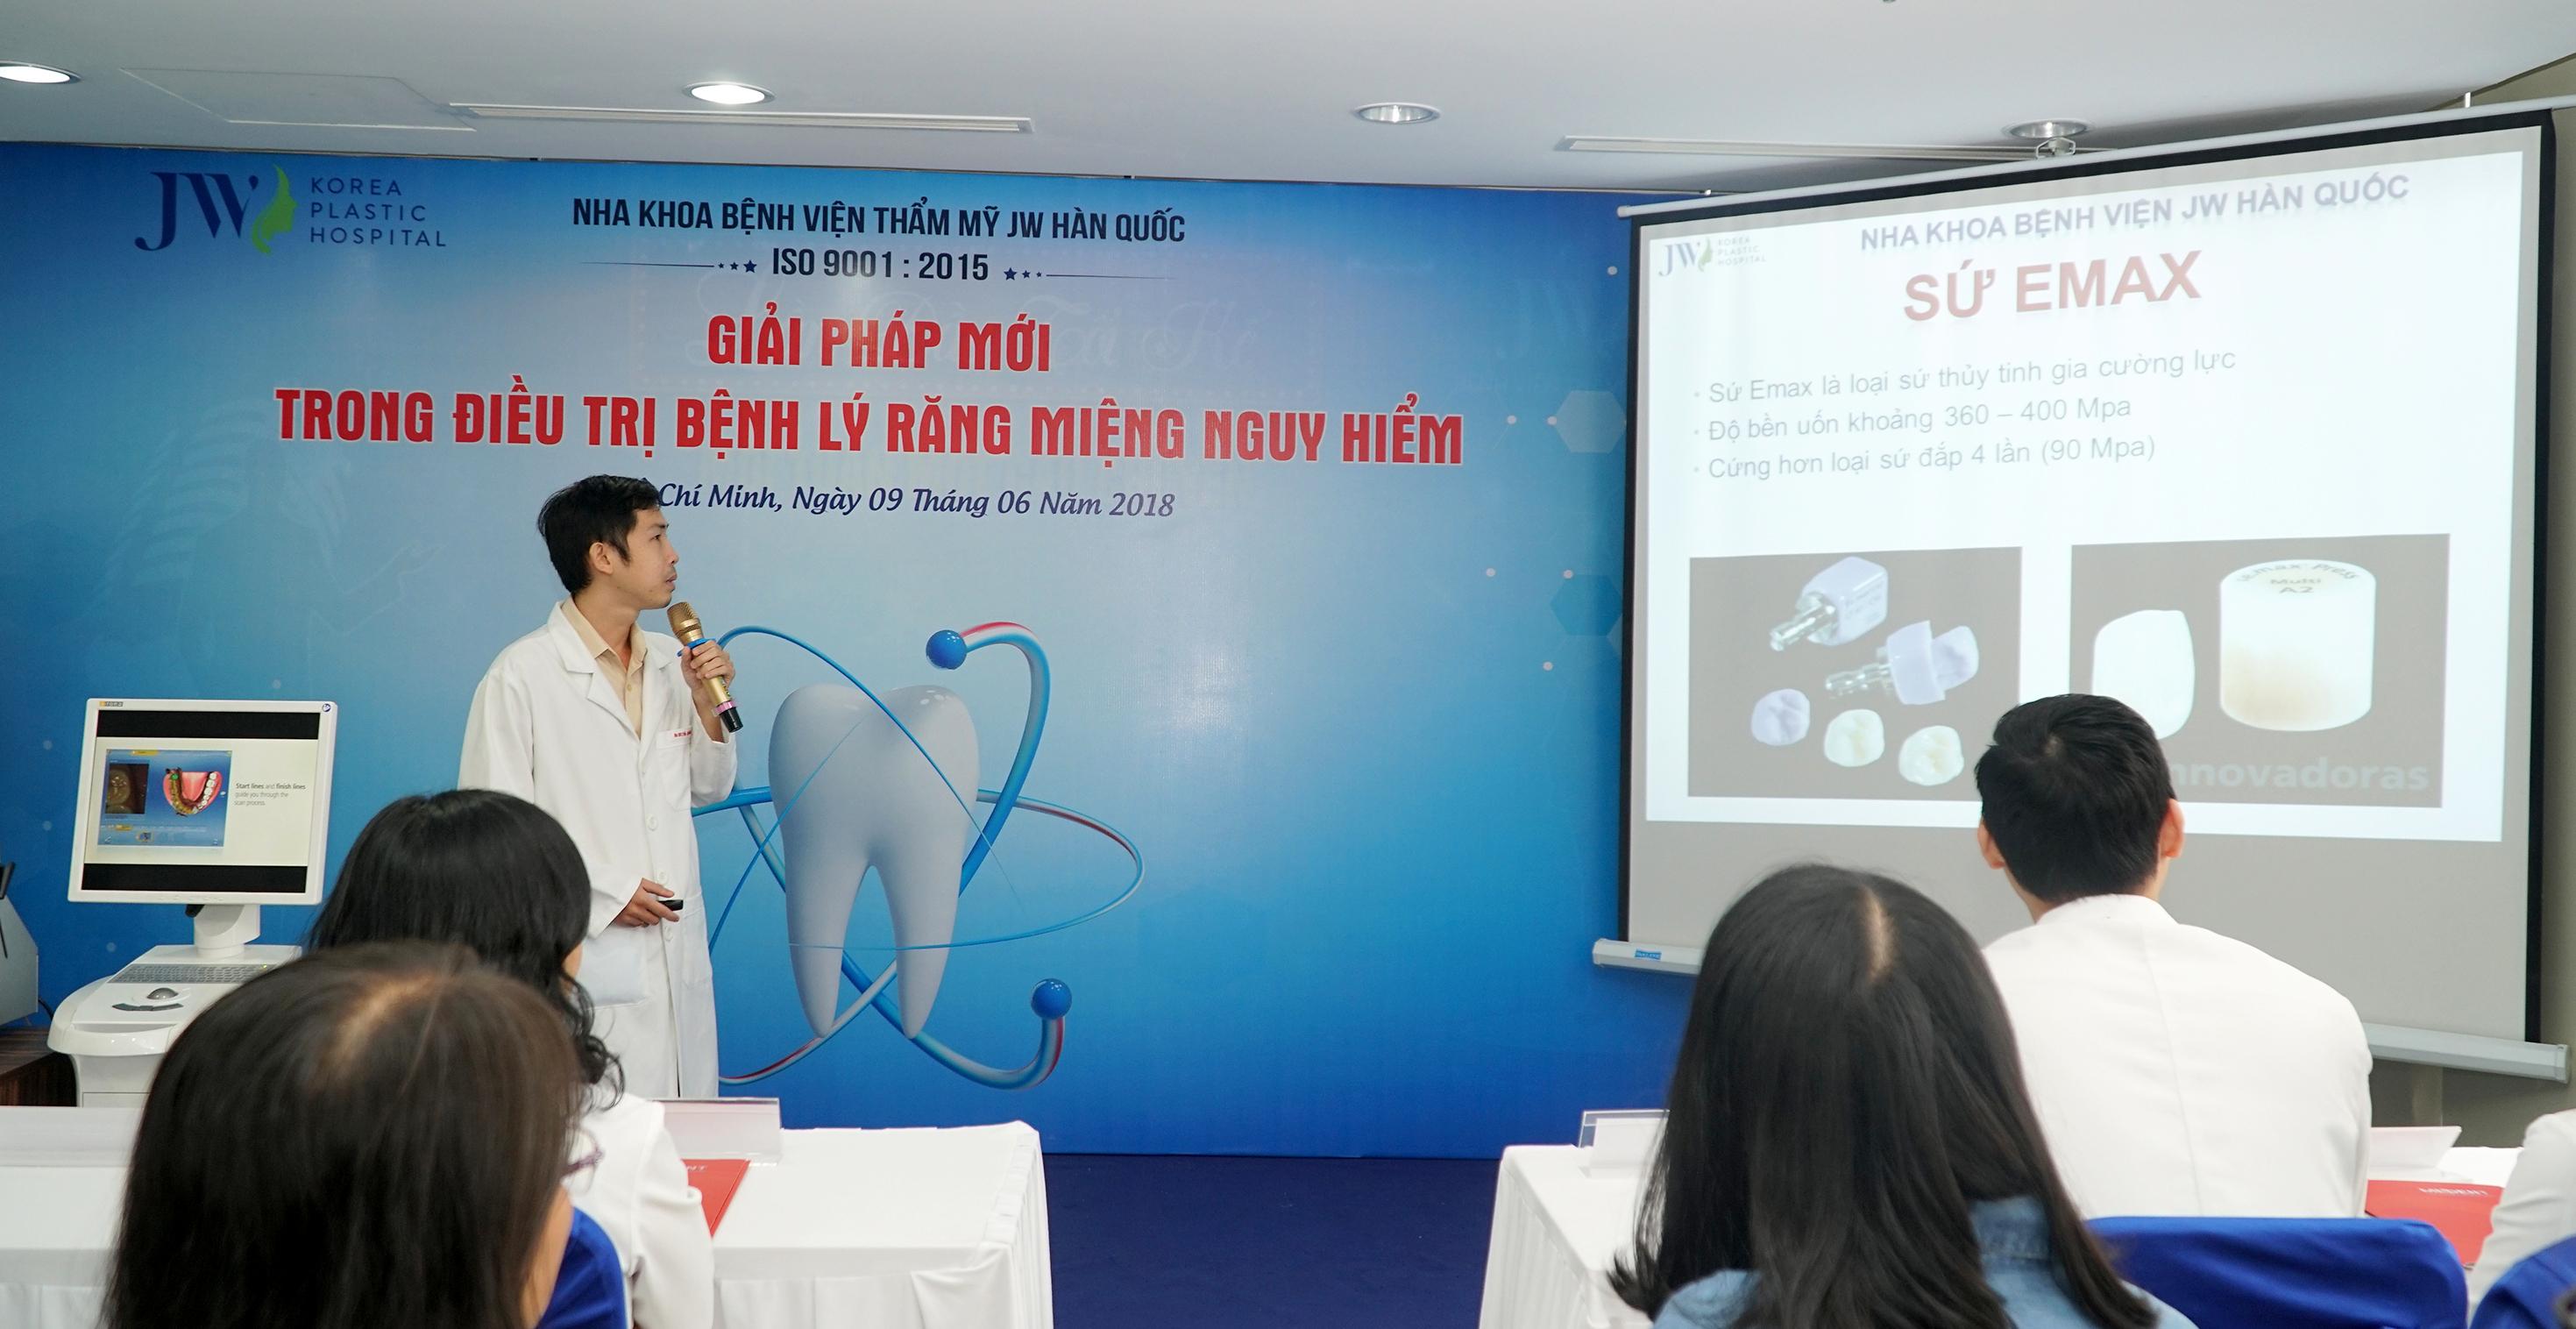 """""""Giải pháp mới trong điều trị bệnh lý răng miệng nguy hiểm"""""""